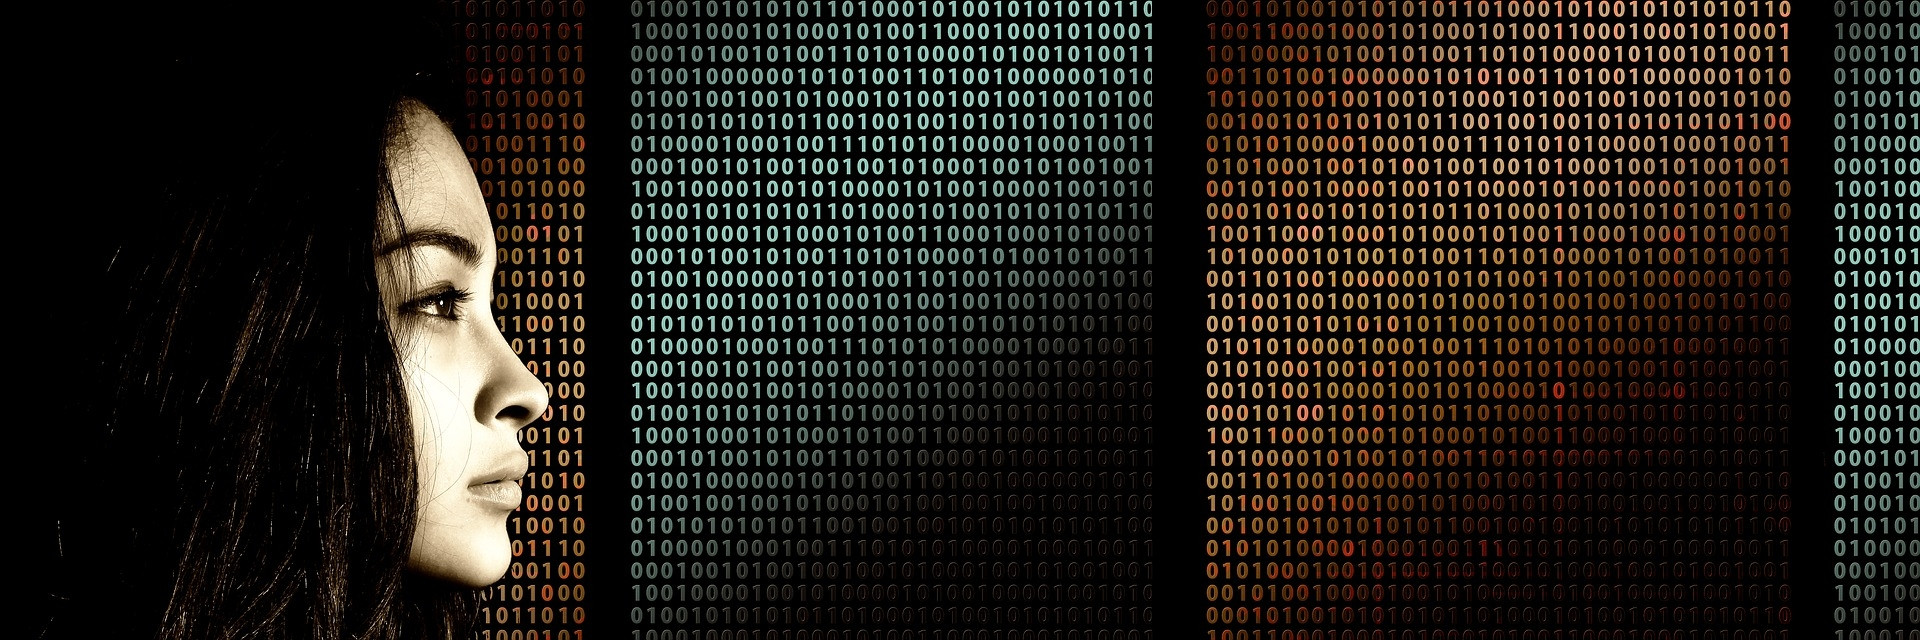 DSGVO: Datenschutz gegen KI-Zukunft